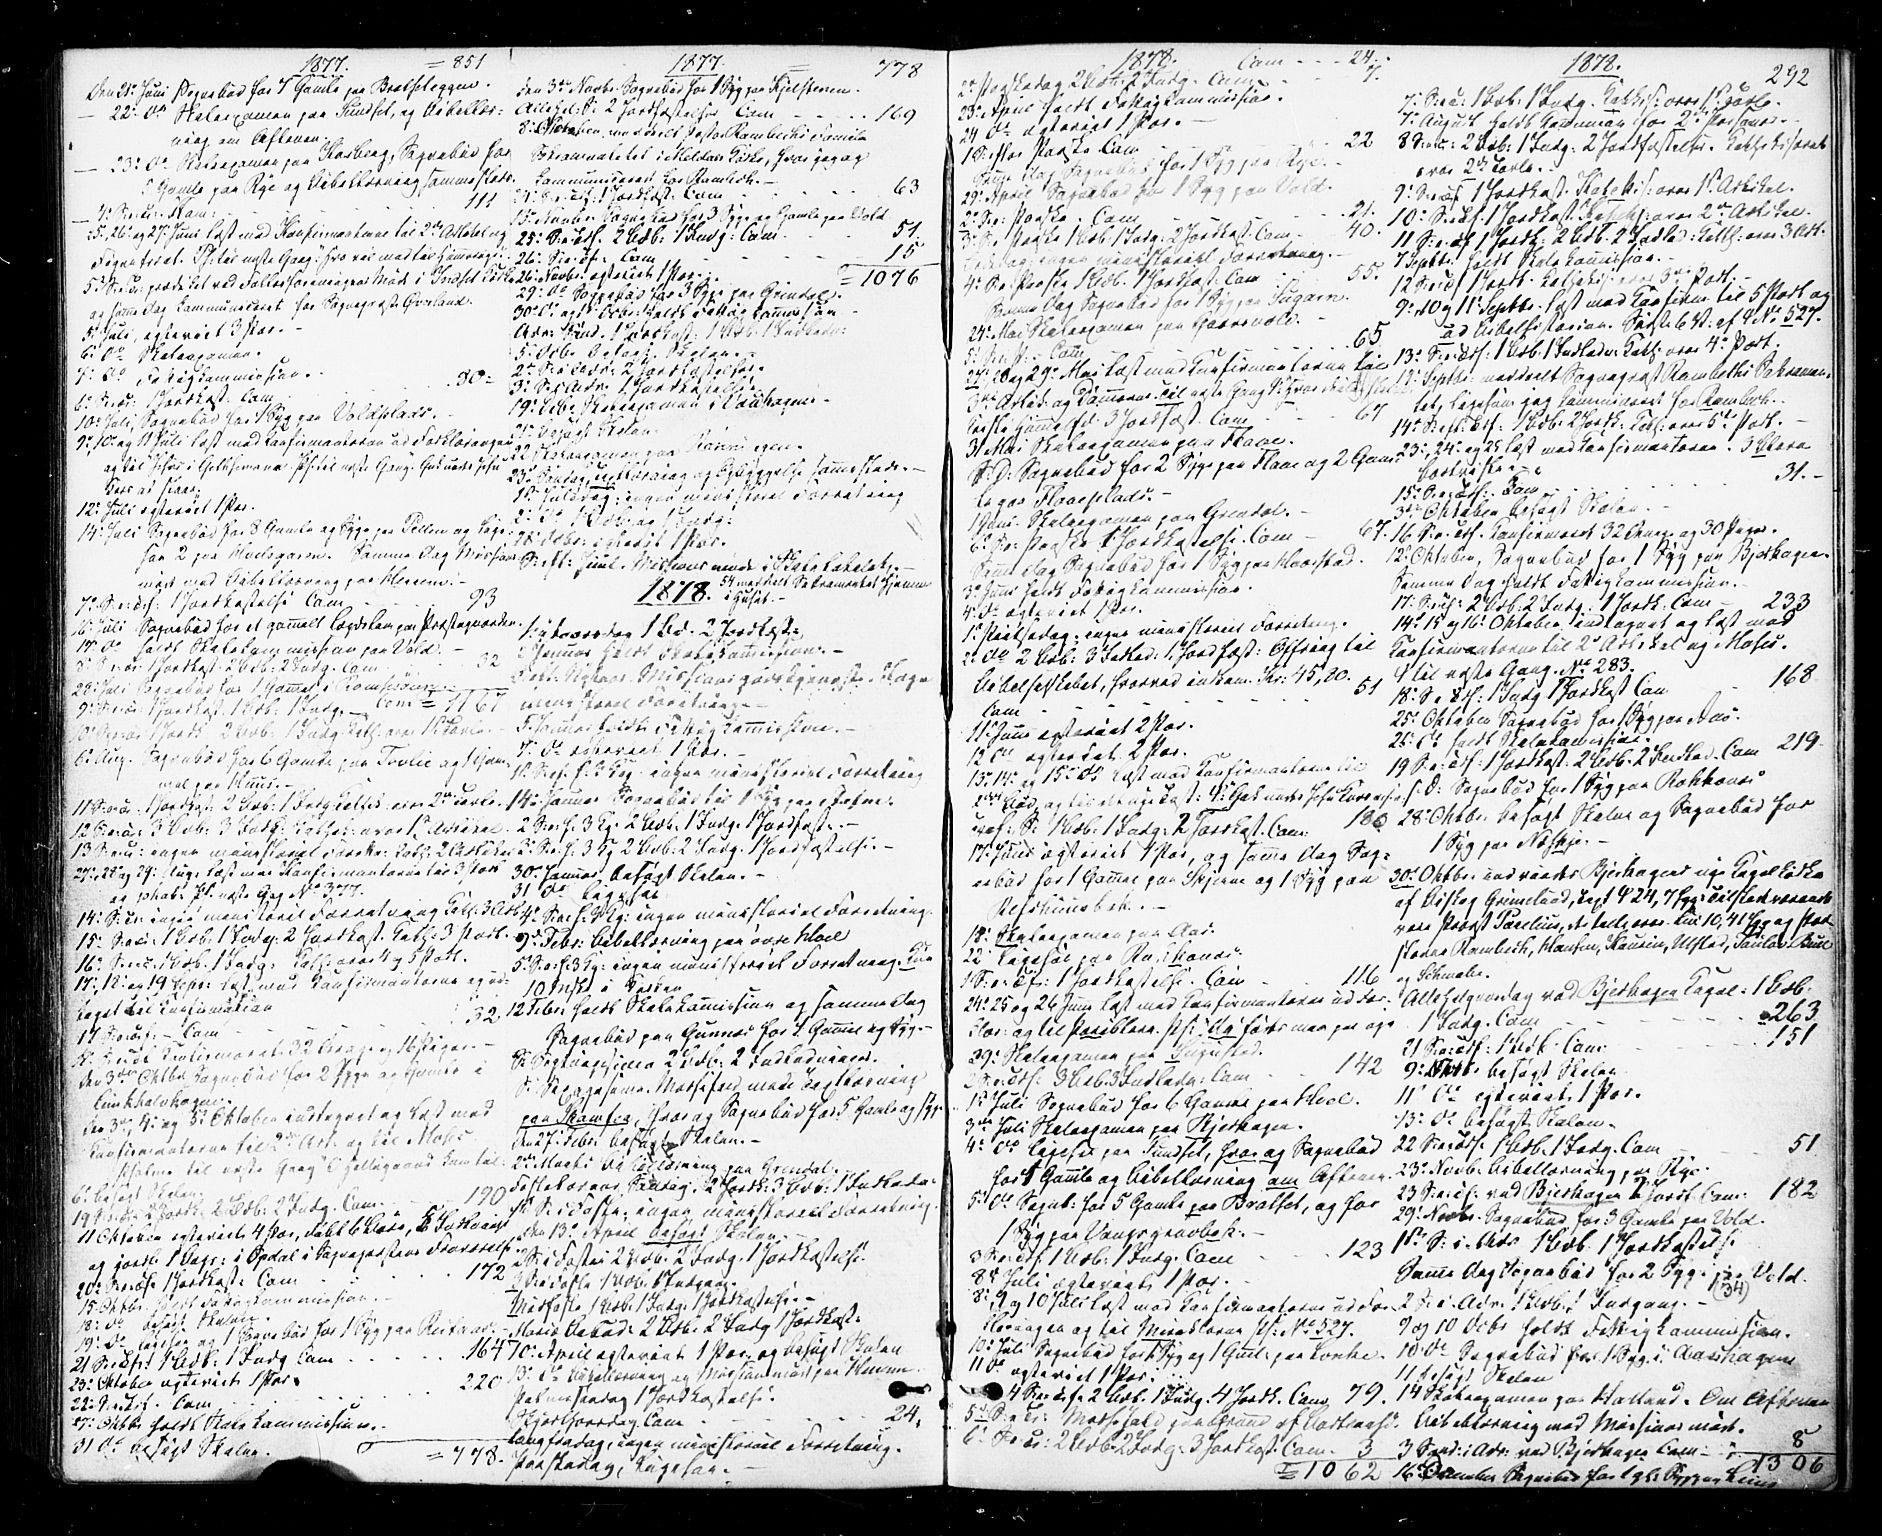 SAT, Ministerialprotokoller, klokkerbøker og fødselsregistre - Sør-Trøndelag, 674/L0870: Ministerialbok nr. 674A02, 1861-1879, s. 292